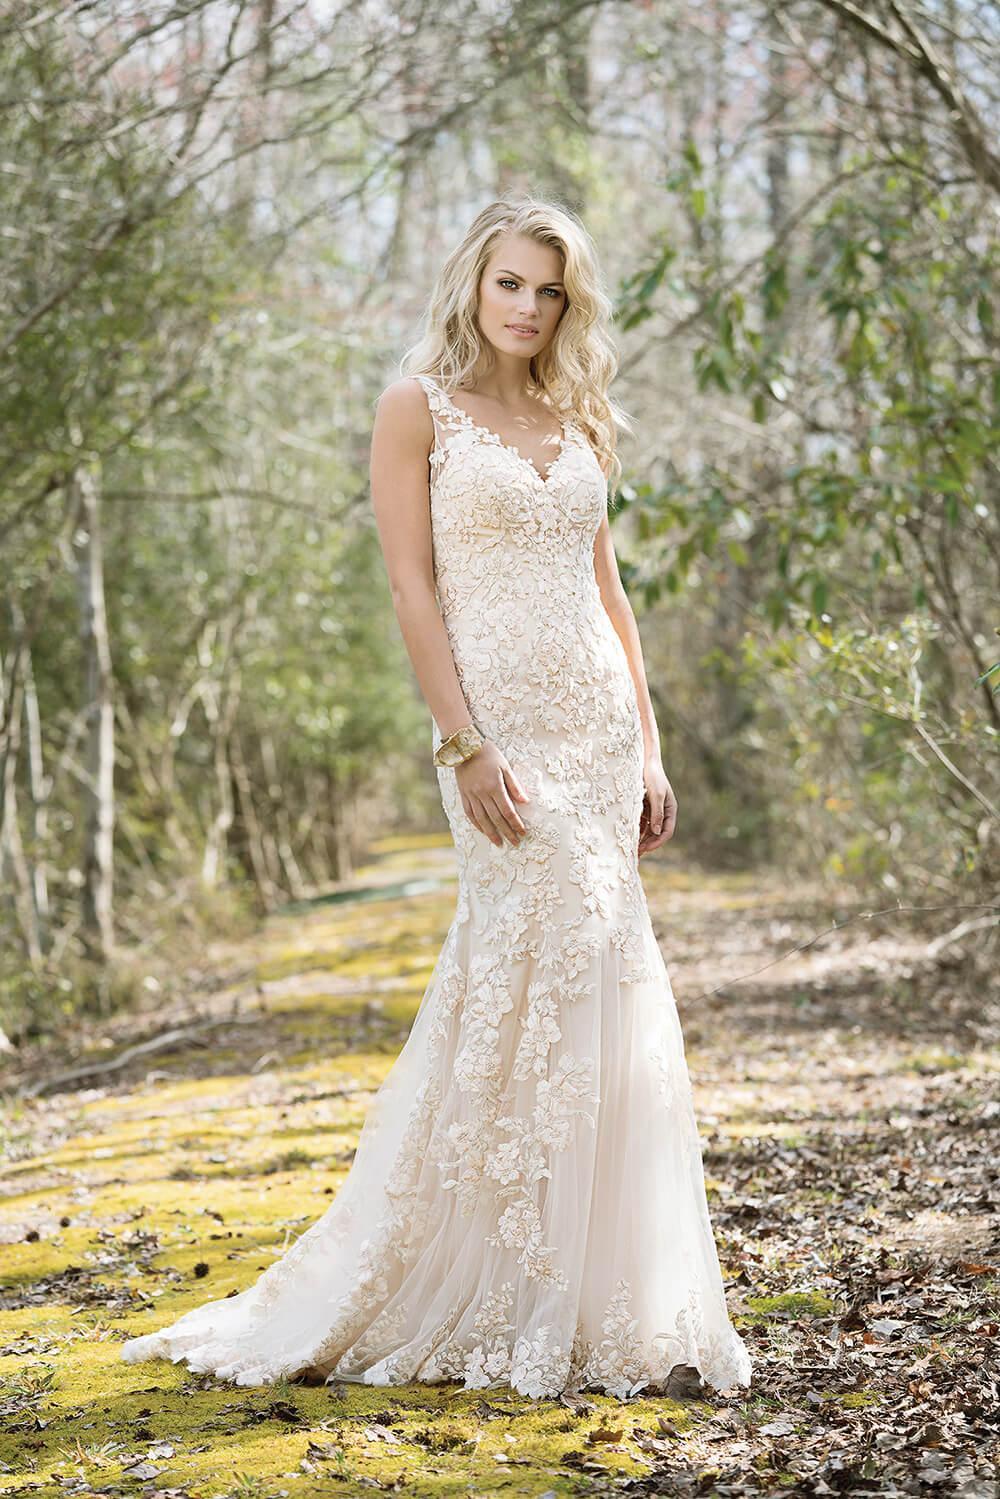 Großartig Brautkleid West Midlands Mieten Galerie - Hochzeit Kleid ...